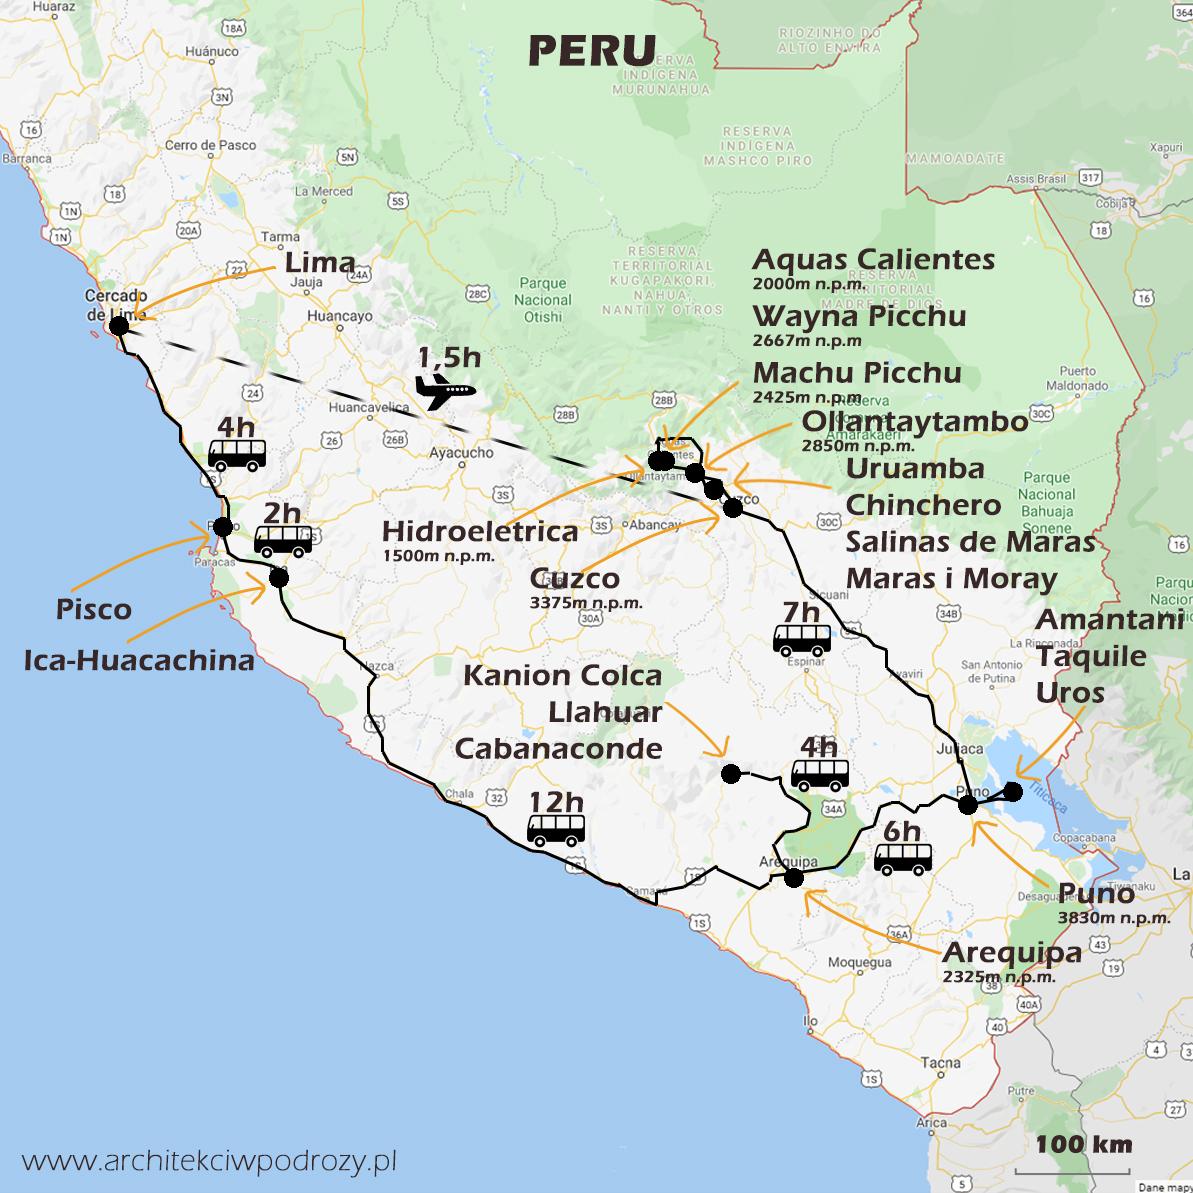 01 PERU mapa - Peru- kraj Inków- informacje ogólne